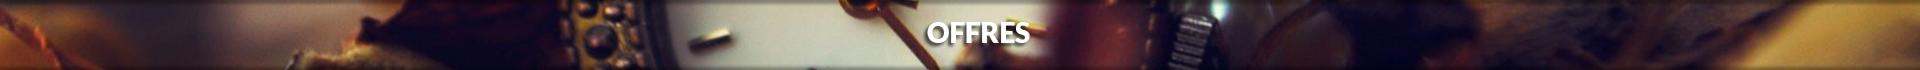 offerte_fr